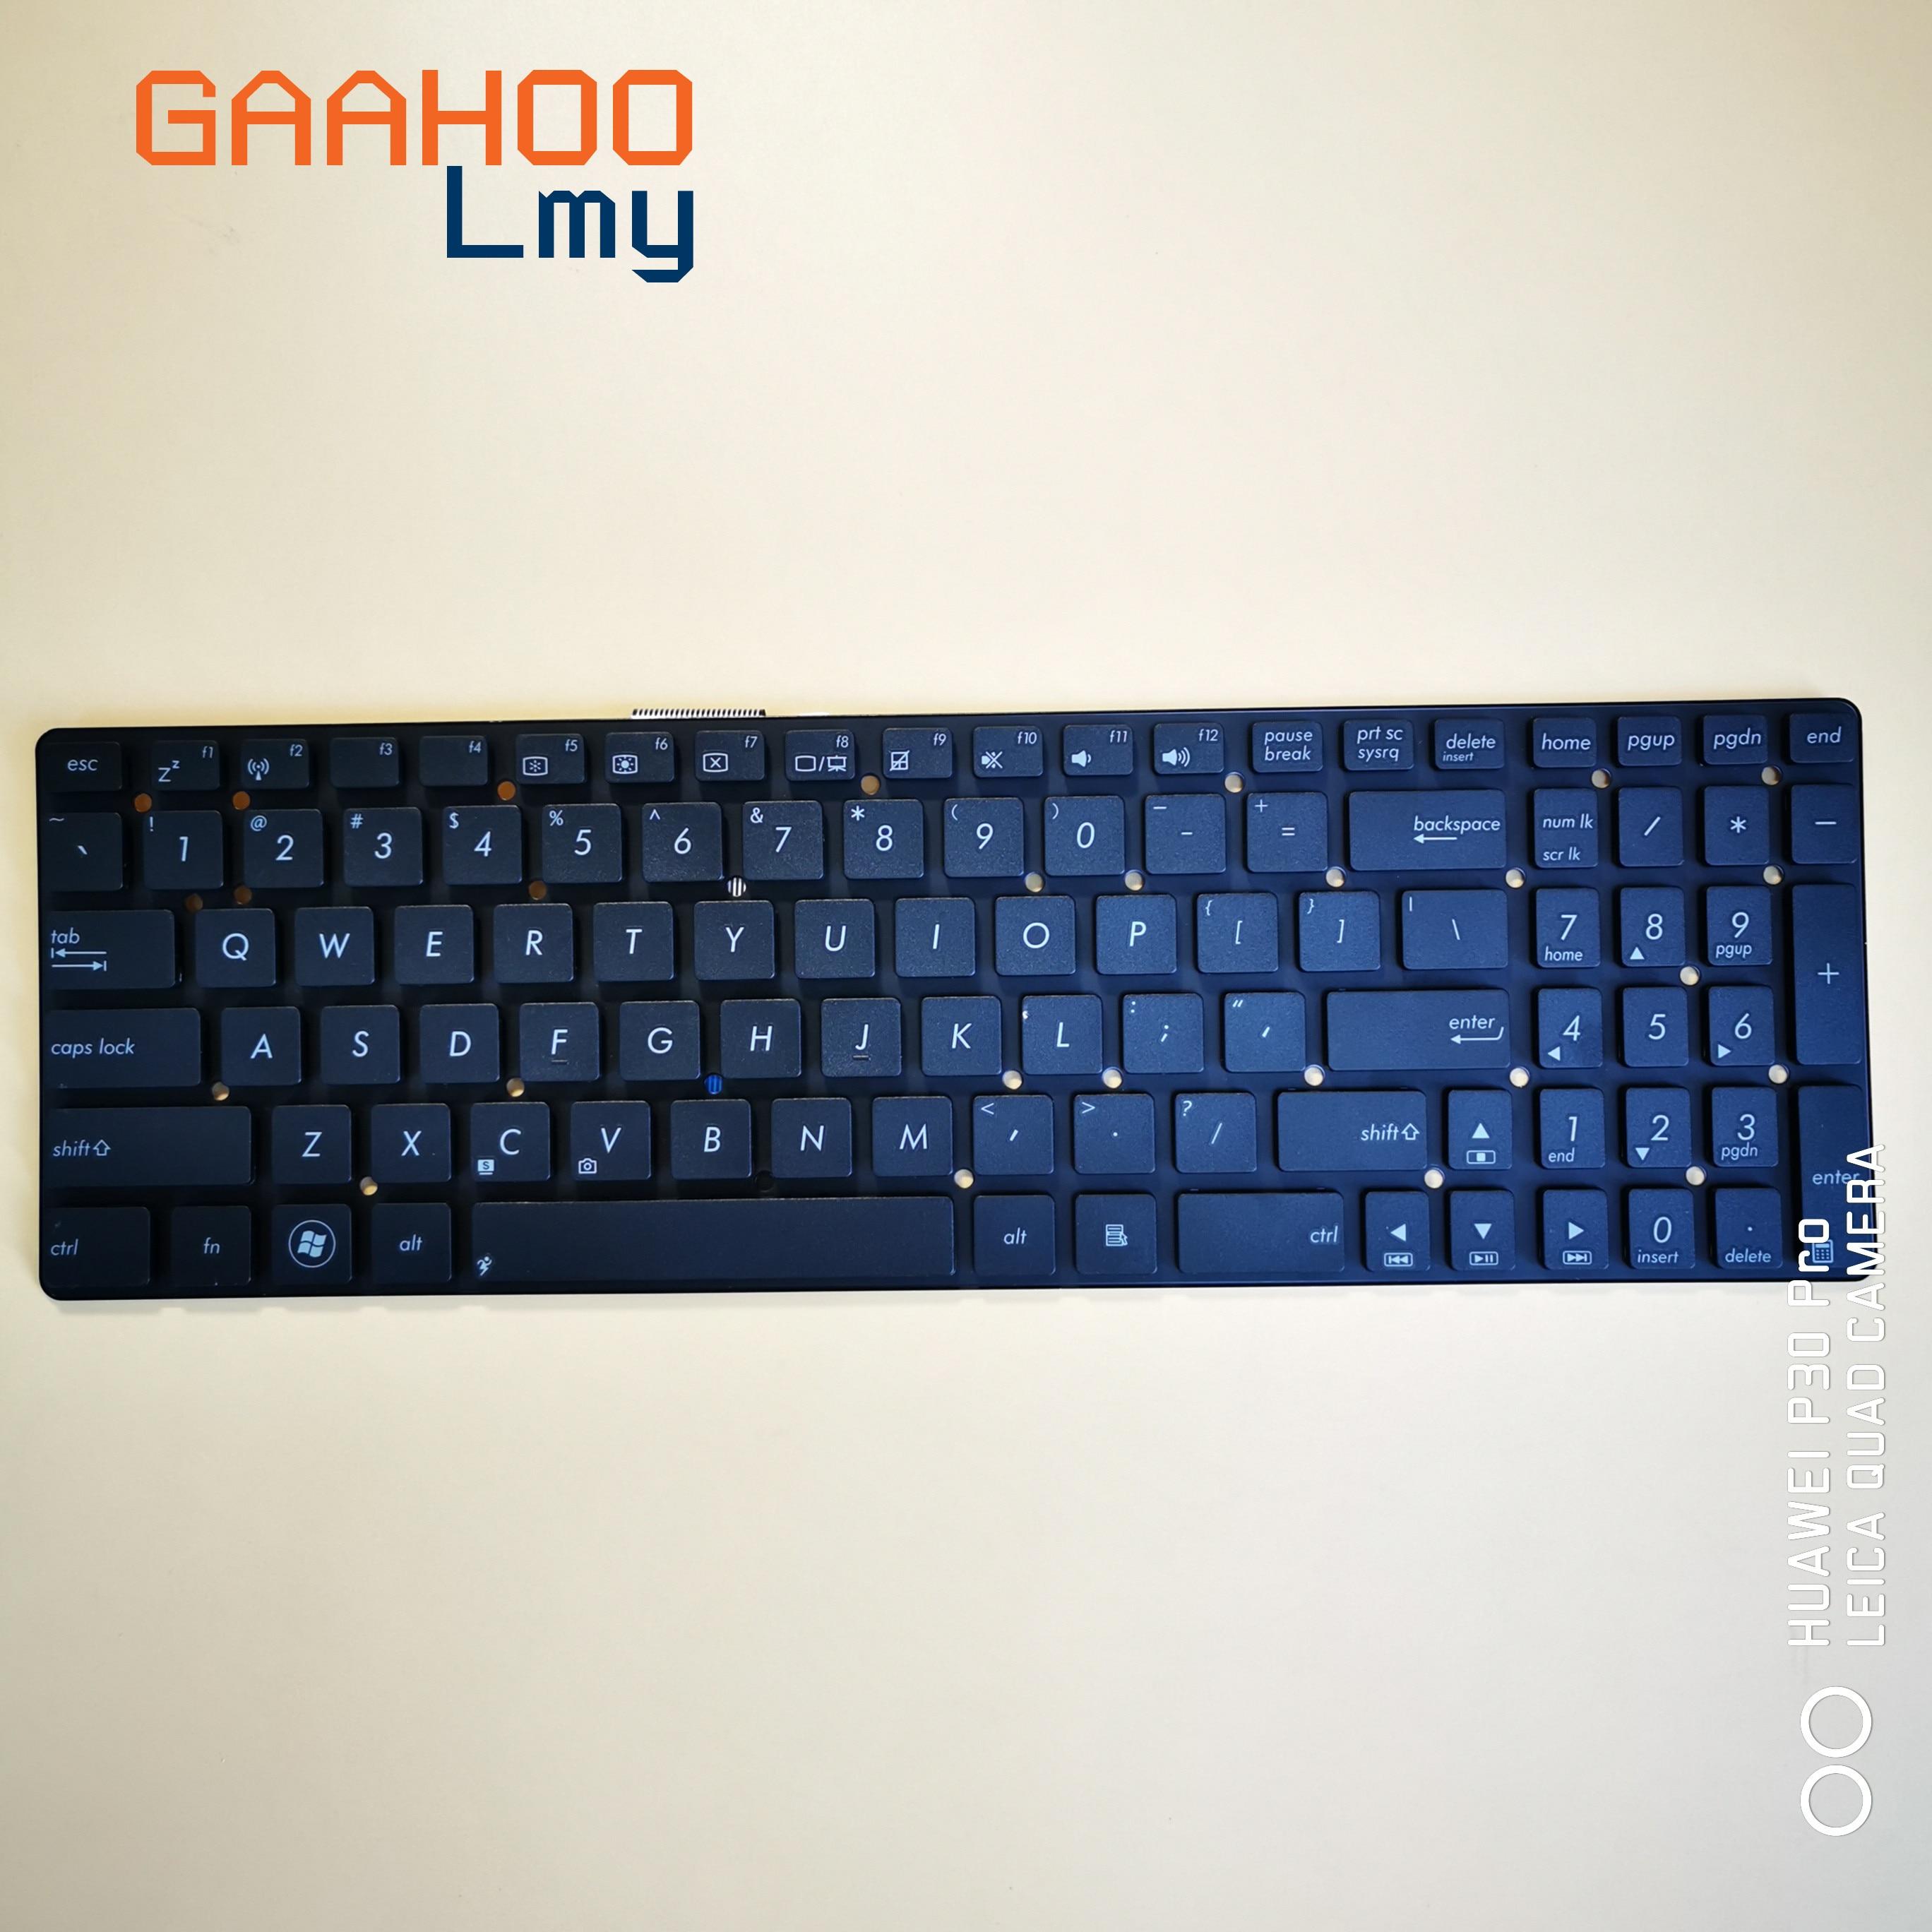 Brand New Orig US Keyboard FOR ASUS K55 K55A K55V K55VJ K55VM K55VD K55VJ K55VS K55XI K55DE K55DR 0KNB0-55400 Laptop Black